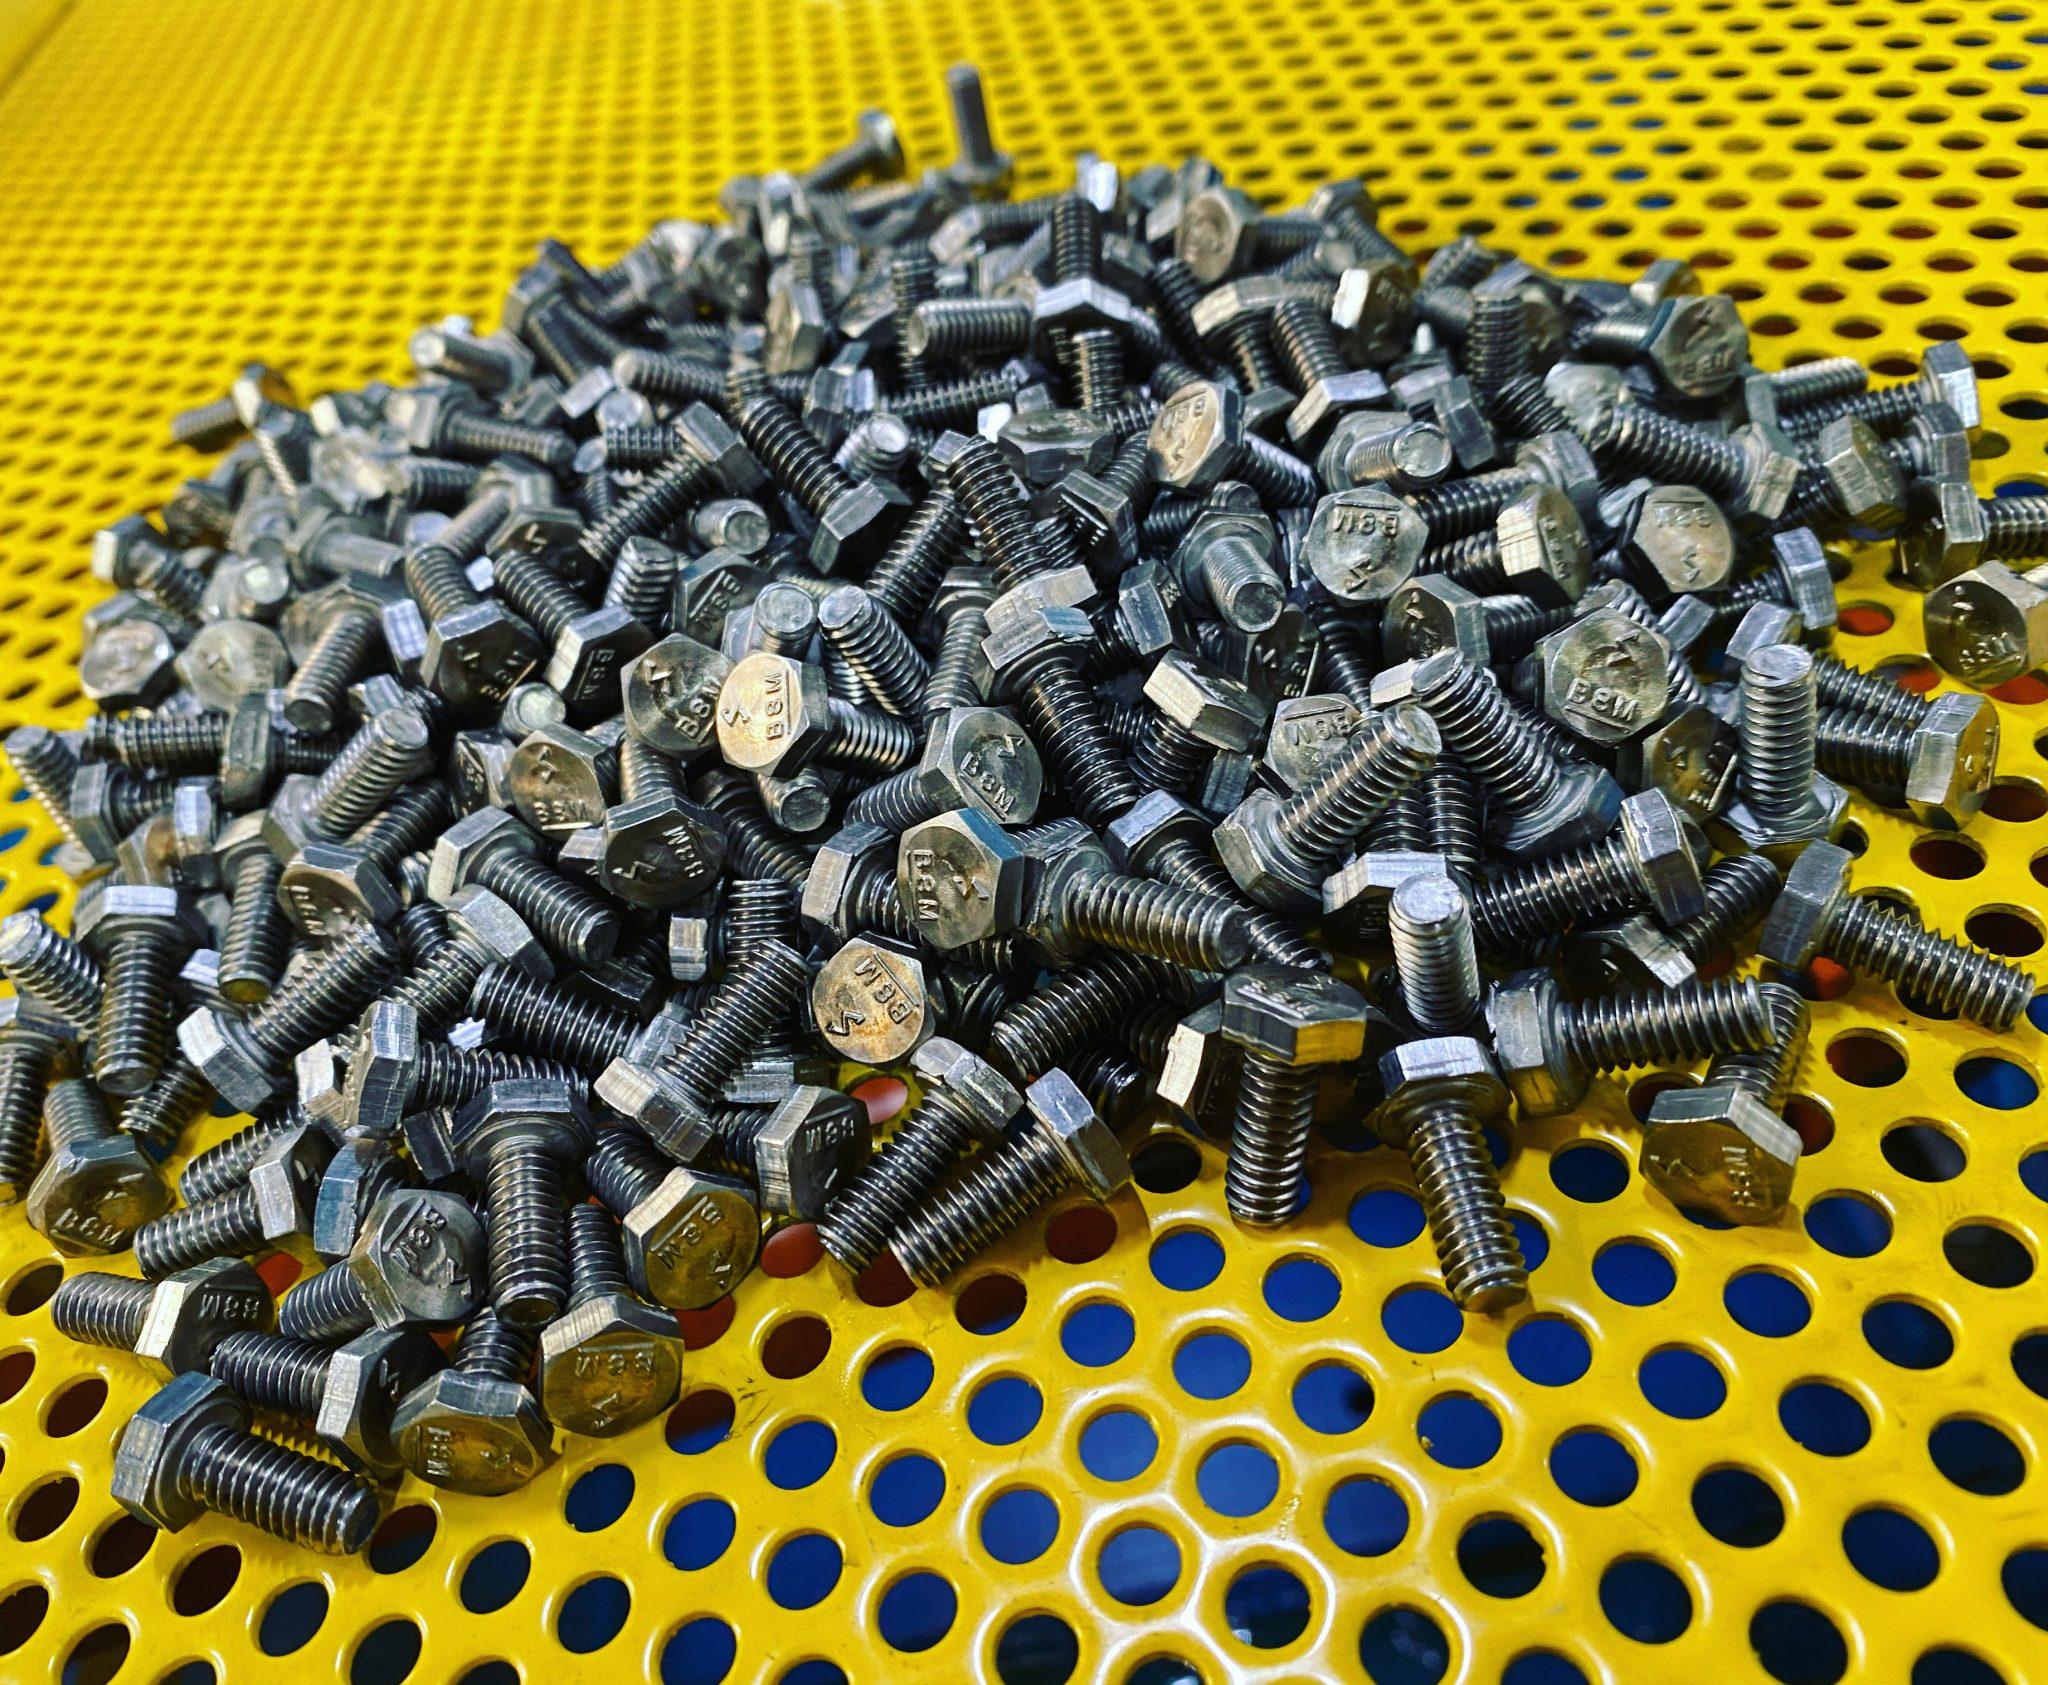 1/4(20) x 3/4 Hex Cap Screw A193 B8M